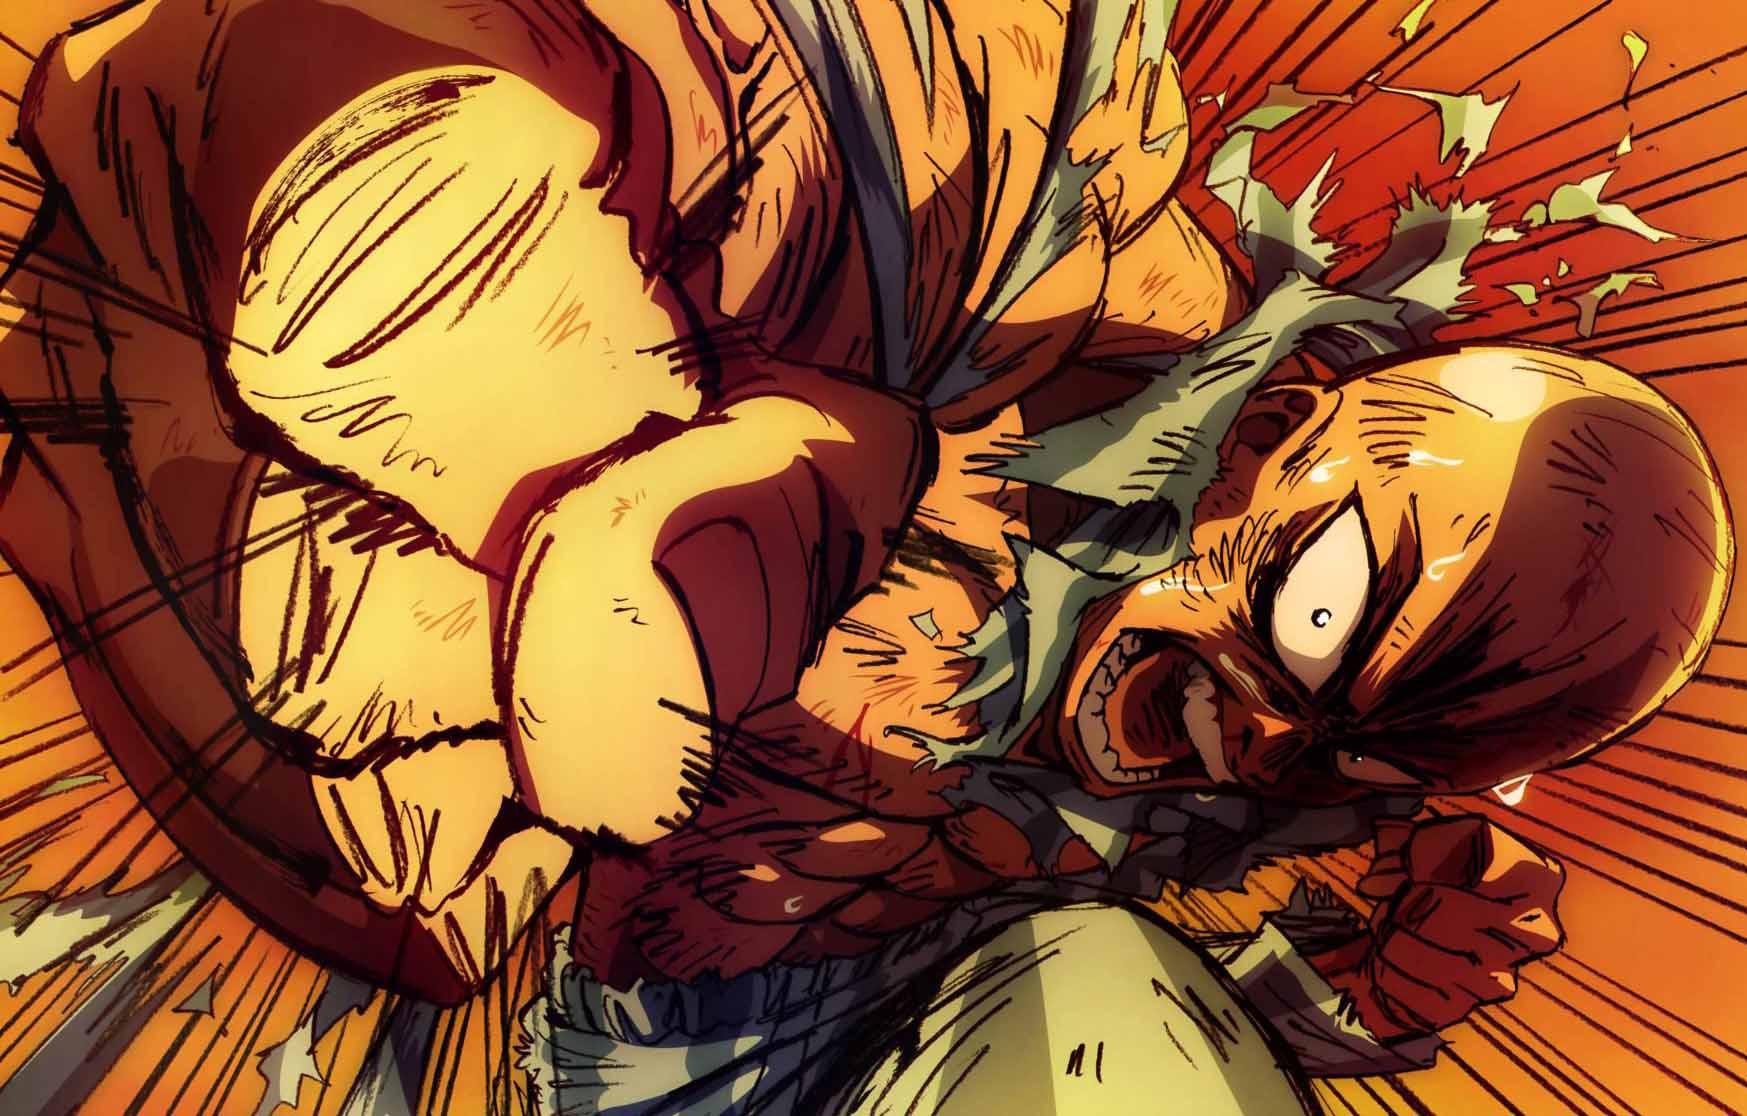 Las mejores series anime de acción de todos los tiempos ...